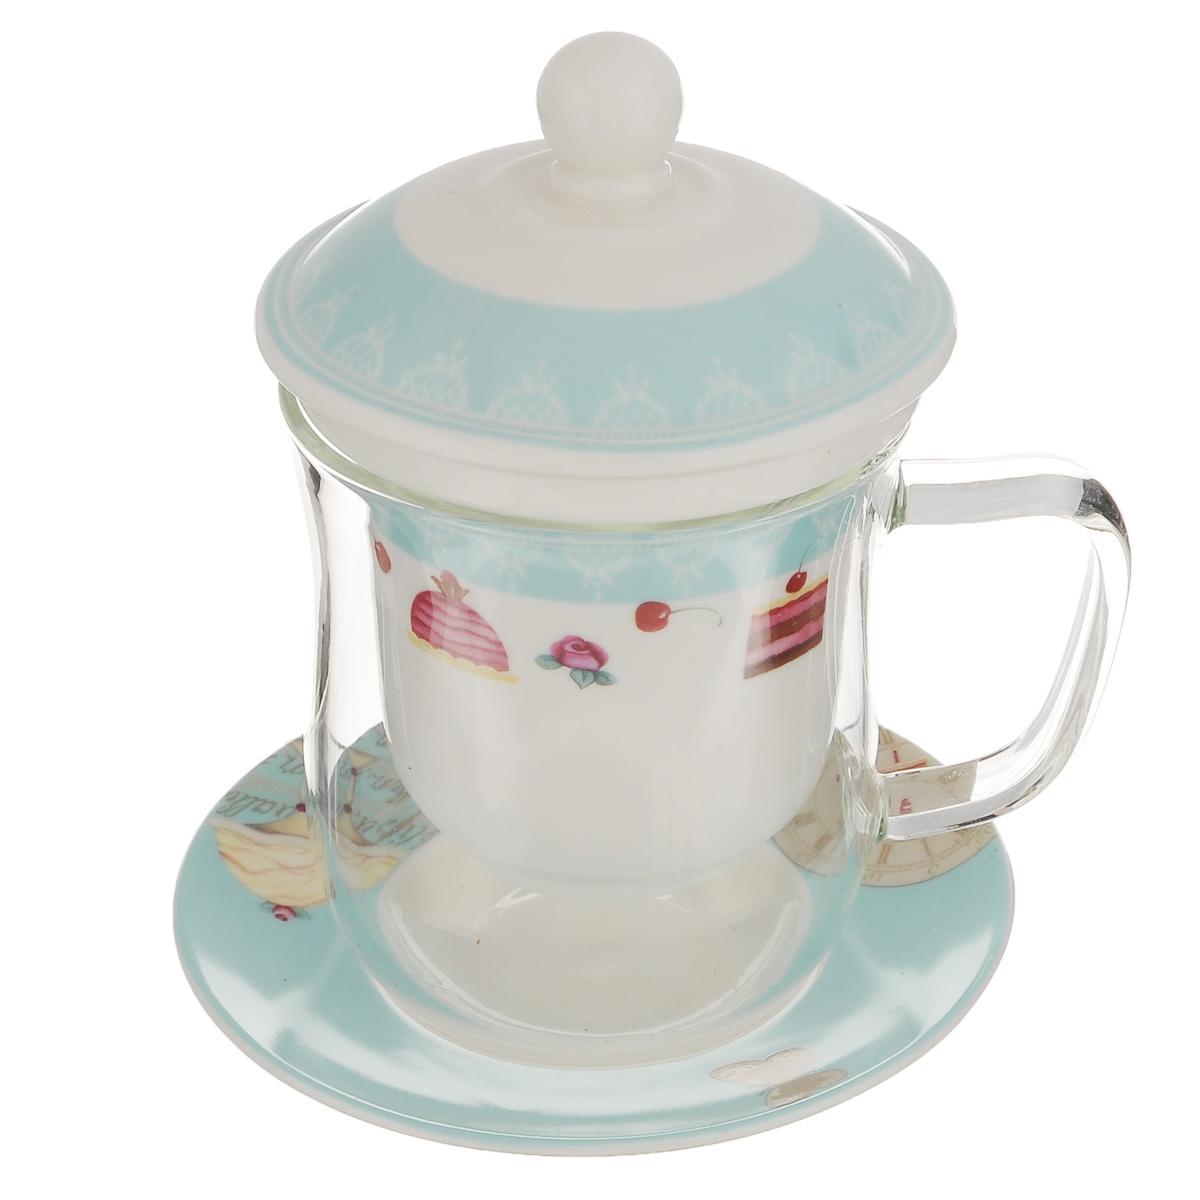 Чайная пара Korall Десерт, цвет: белый, бирюзовый, 4 предмета790388Чайная пара Korall Десерт состоит из кружки с крышкой и фильтром и блюдца. Кружка изготовлена из жаропрочного стекла, которое хорошо удерживает тепло. Кружка снабжена фарфоровой крышкой и колбой-фильтром для заварки. Колба оформлена ярким принтом и оснащена маленькими отверстиями, что предотвращает попадание чаинок и листочков в настой. Блюдце выполнено из фарфора и оформлено оригинальным изображением. Набор идеально подойдет для чая и придется по вкусу и ценителям классики, и тем, кто предпочитает утонченность и изысканность. Объем кружки: 400 мл. Диаметр (по верхнему краю): 8.5 см. Высота кружки: 10 см. Высота фильтра: 8 см. Диаметр крышки: 9,5 см. Диаметр блюдца: 12,5 см.